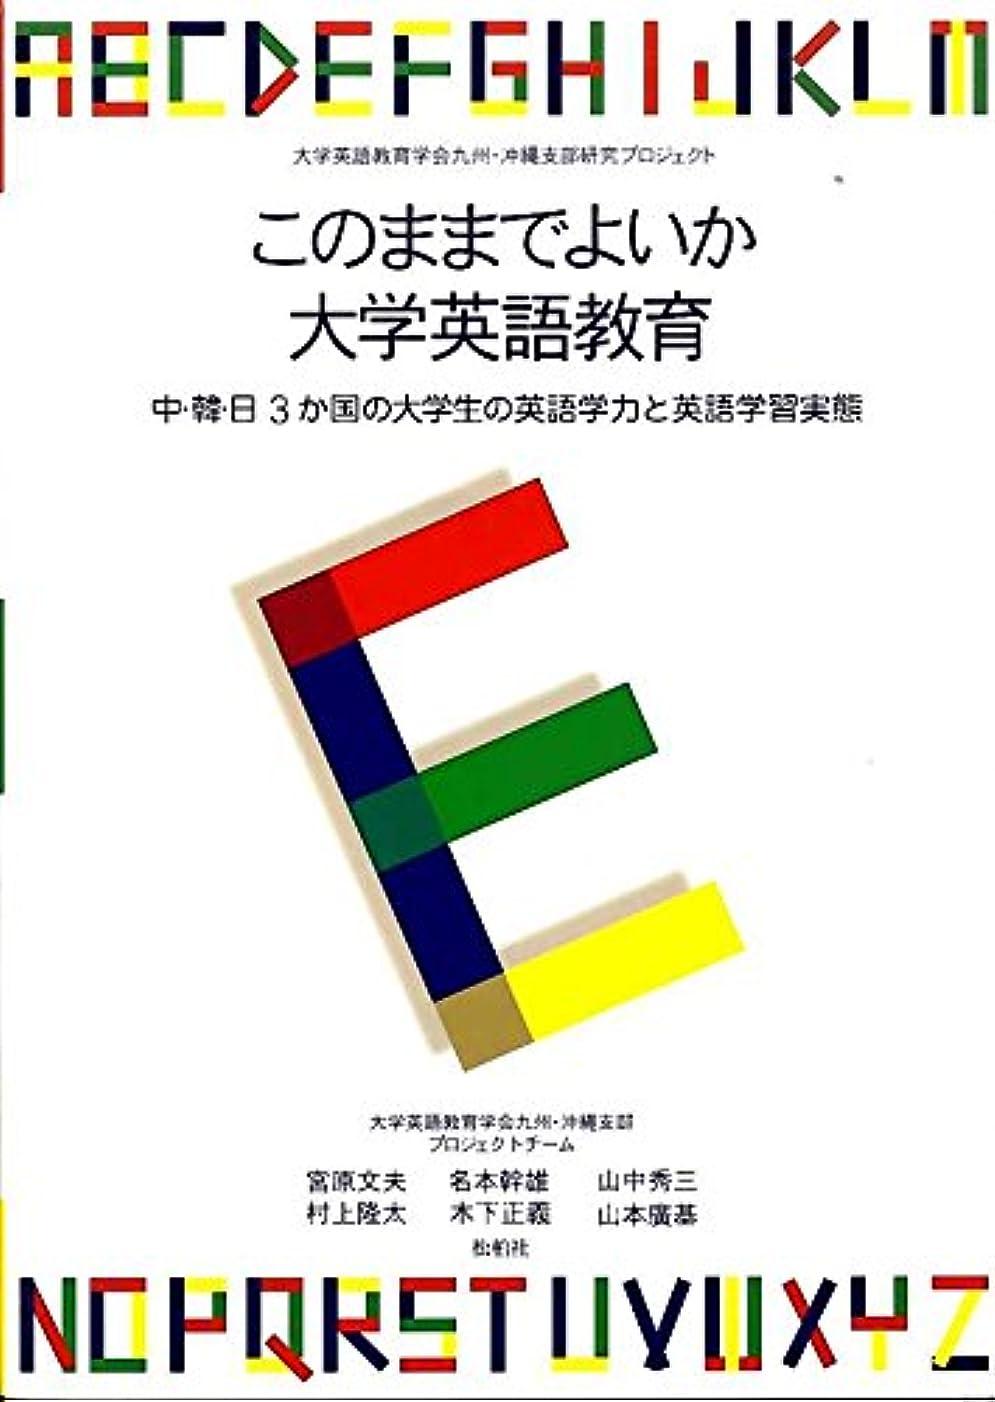 ソフィーブースト時間新々英語教授法―英語教材の見方と教え方 (1959年)